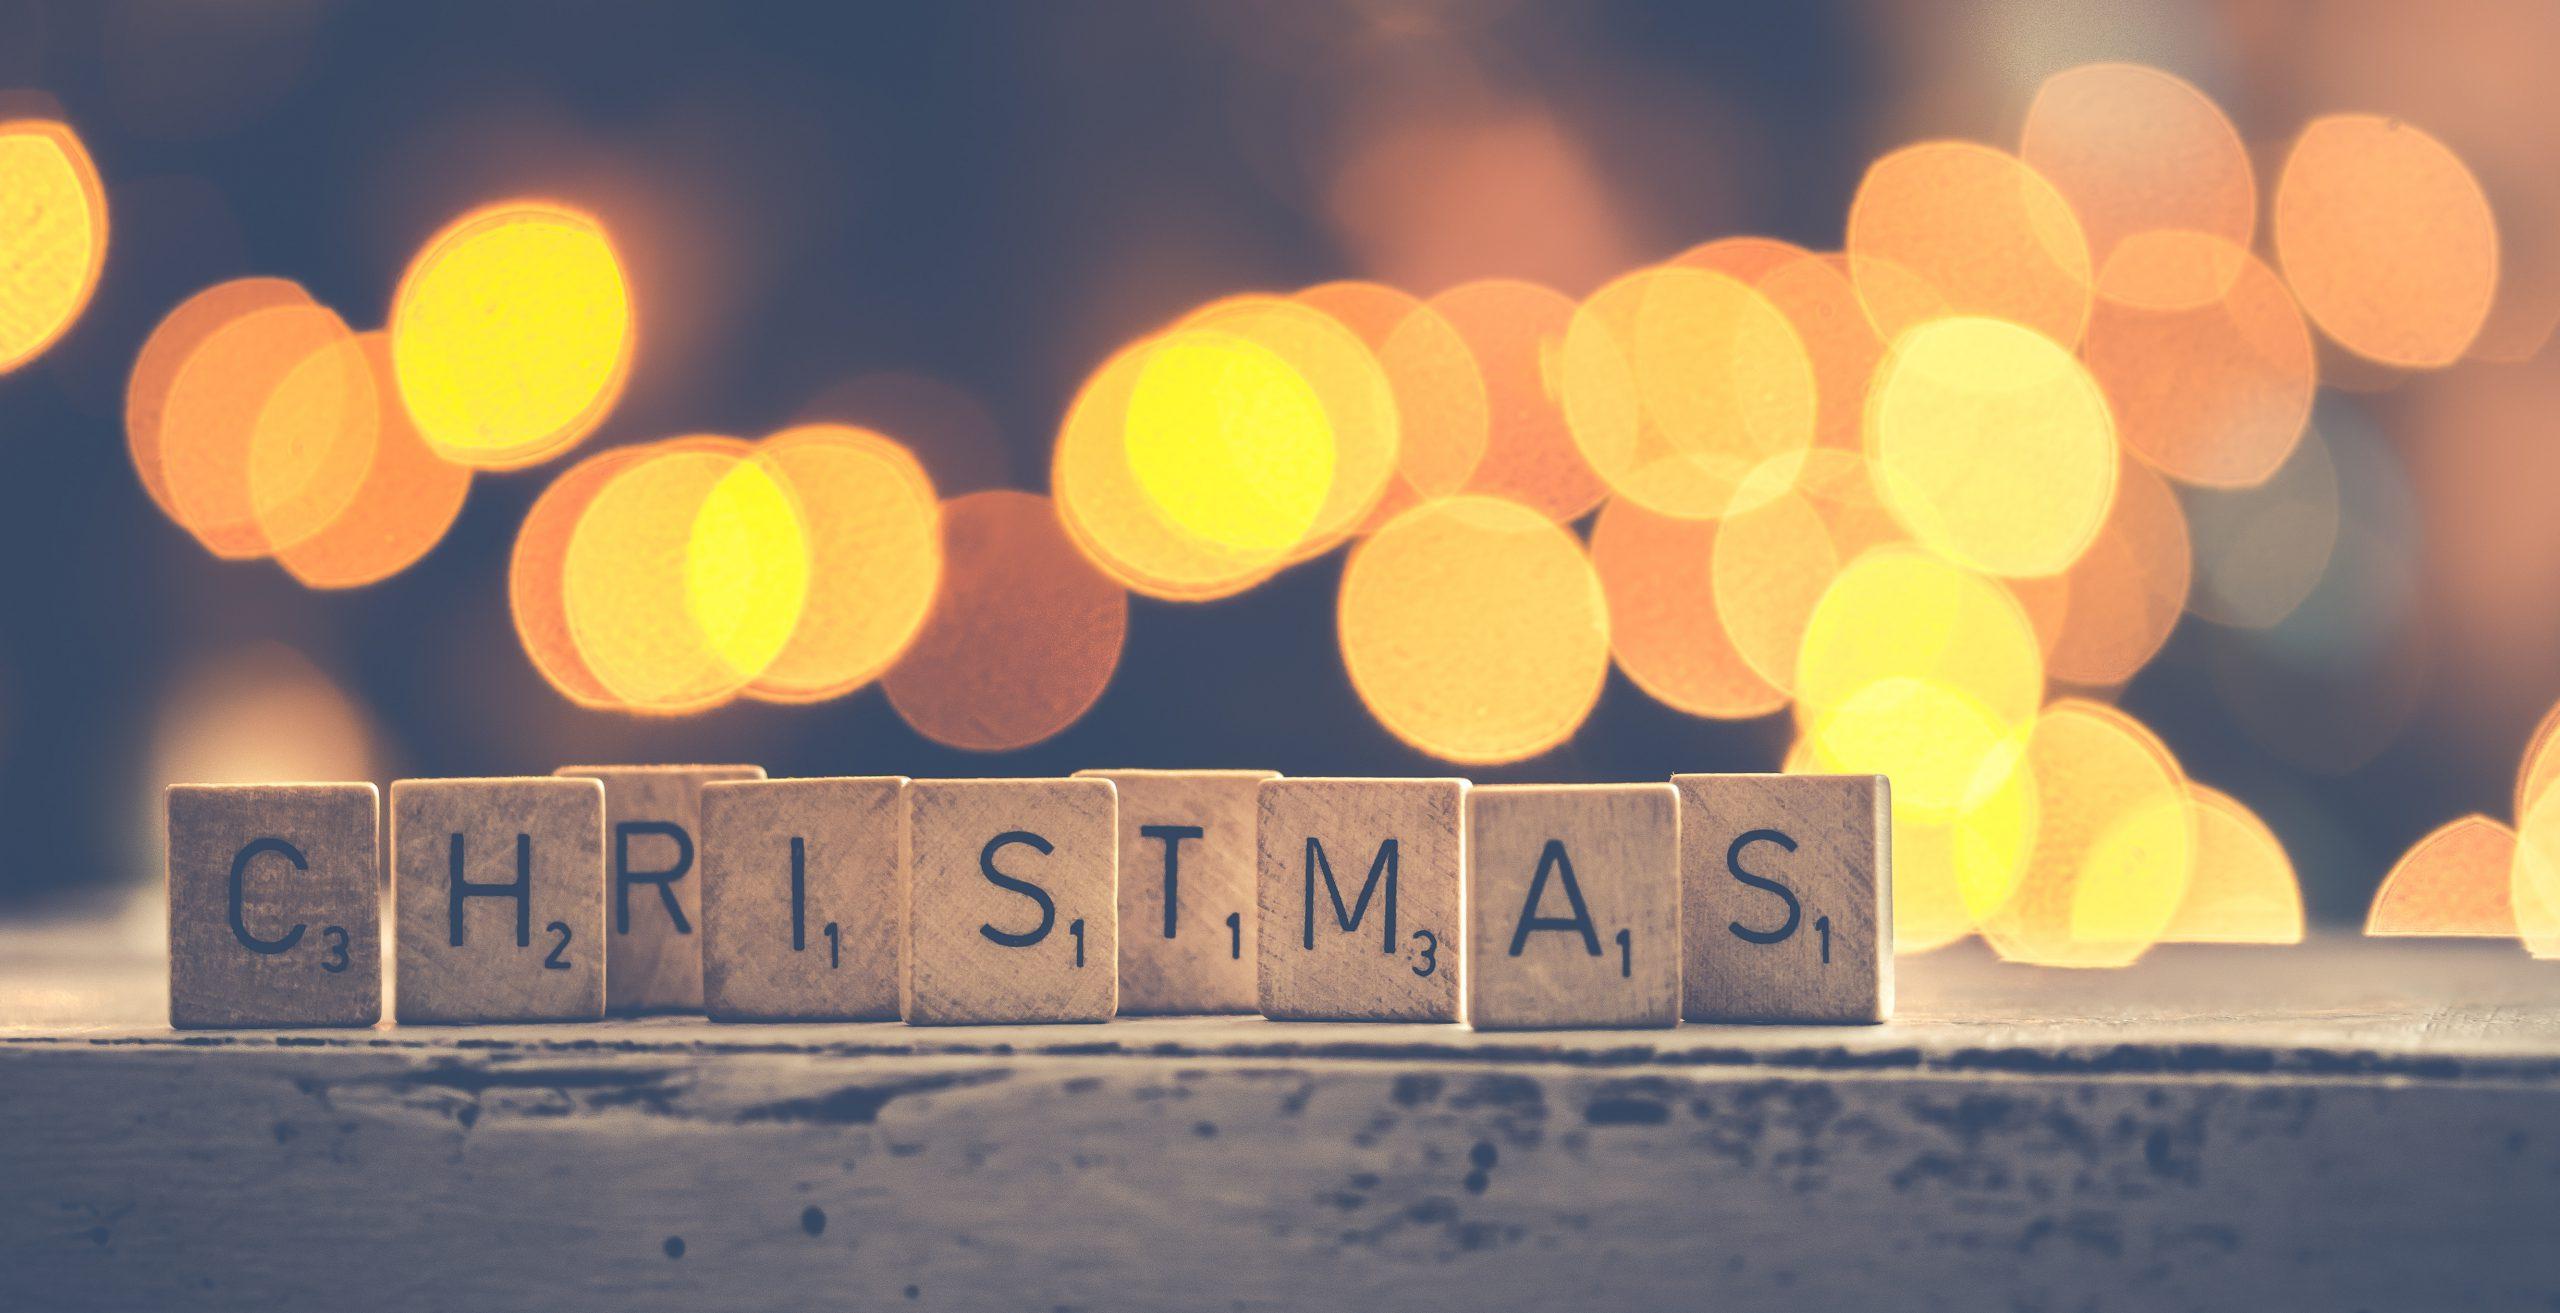 Christmas - Kerst - Wapen van Beckum - Boenders Catering